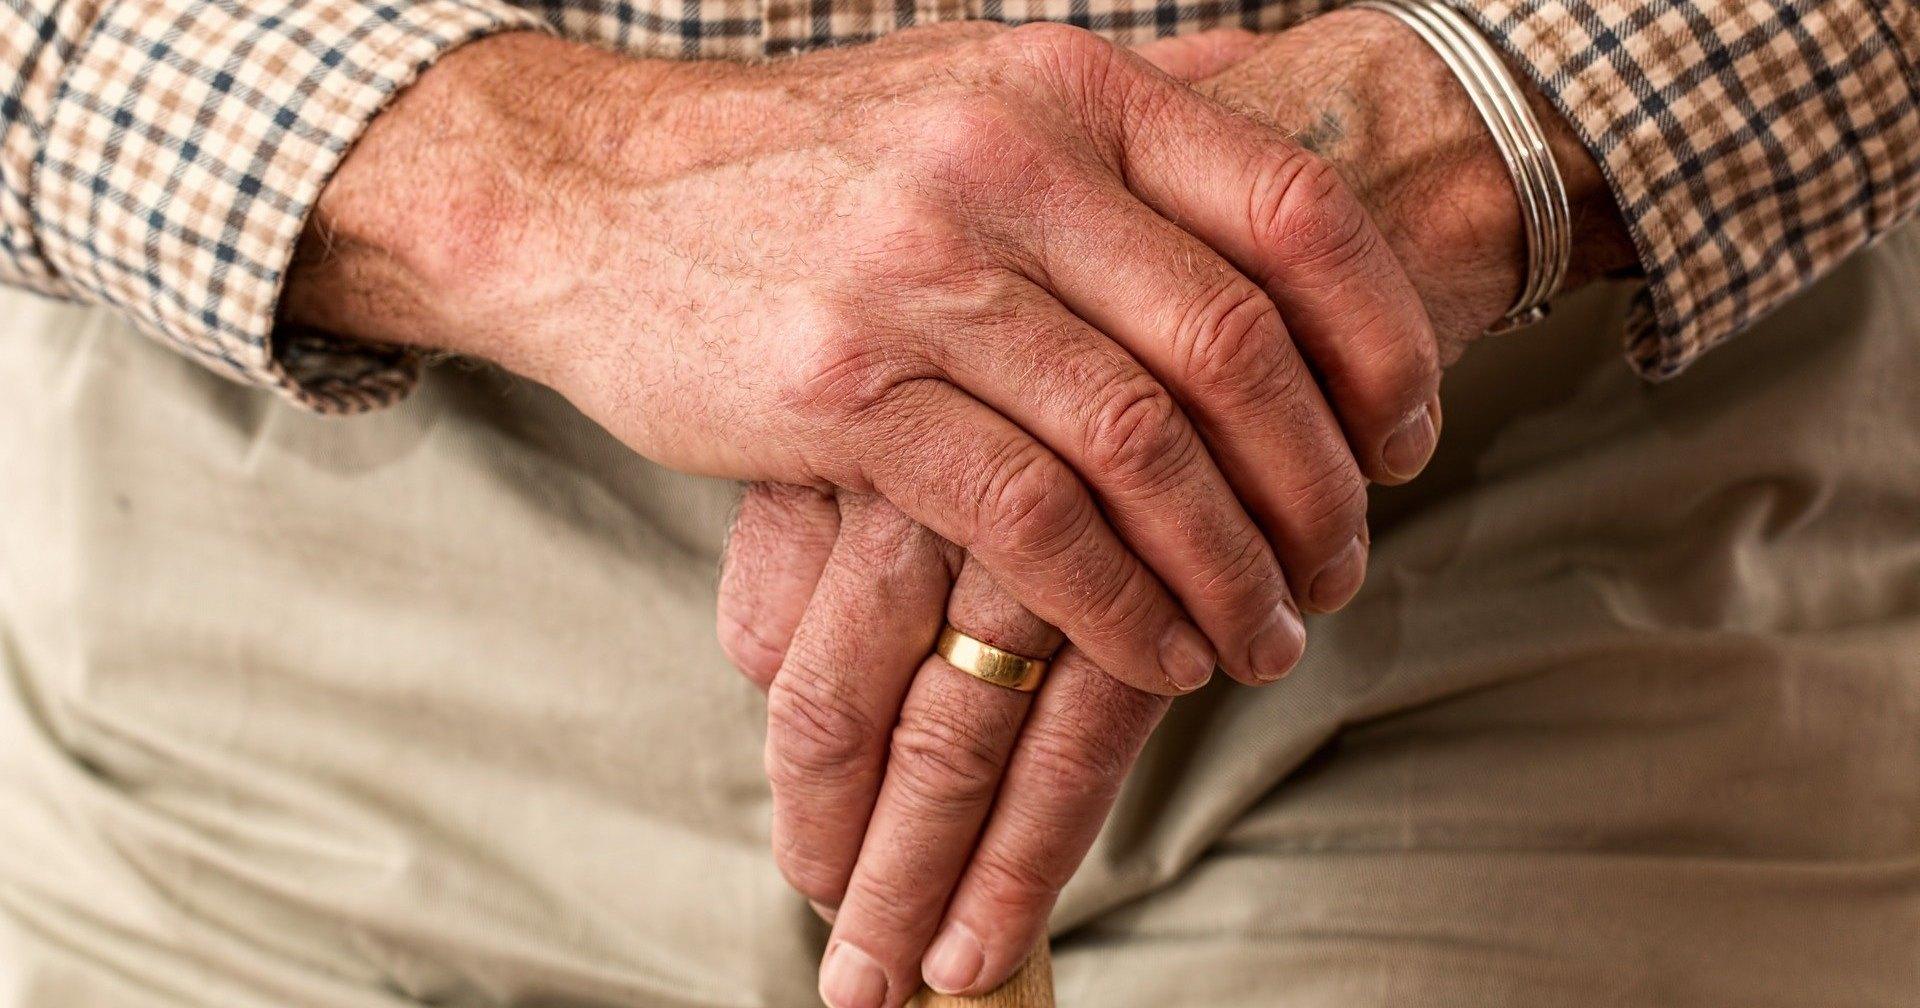 Деменция у пожилых людей: почему она развивается, как ее распознать и можно ли остановить